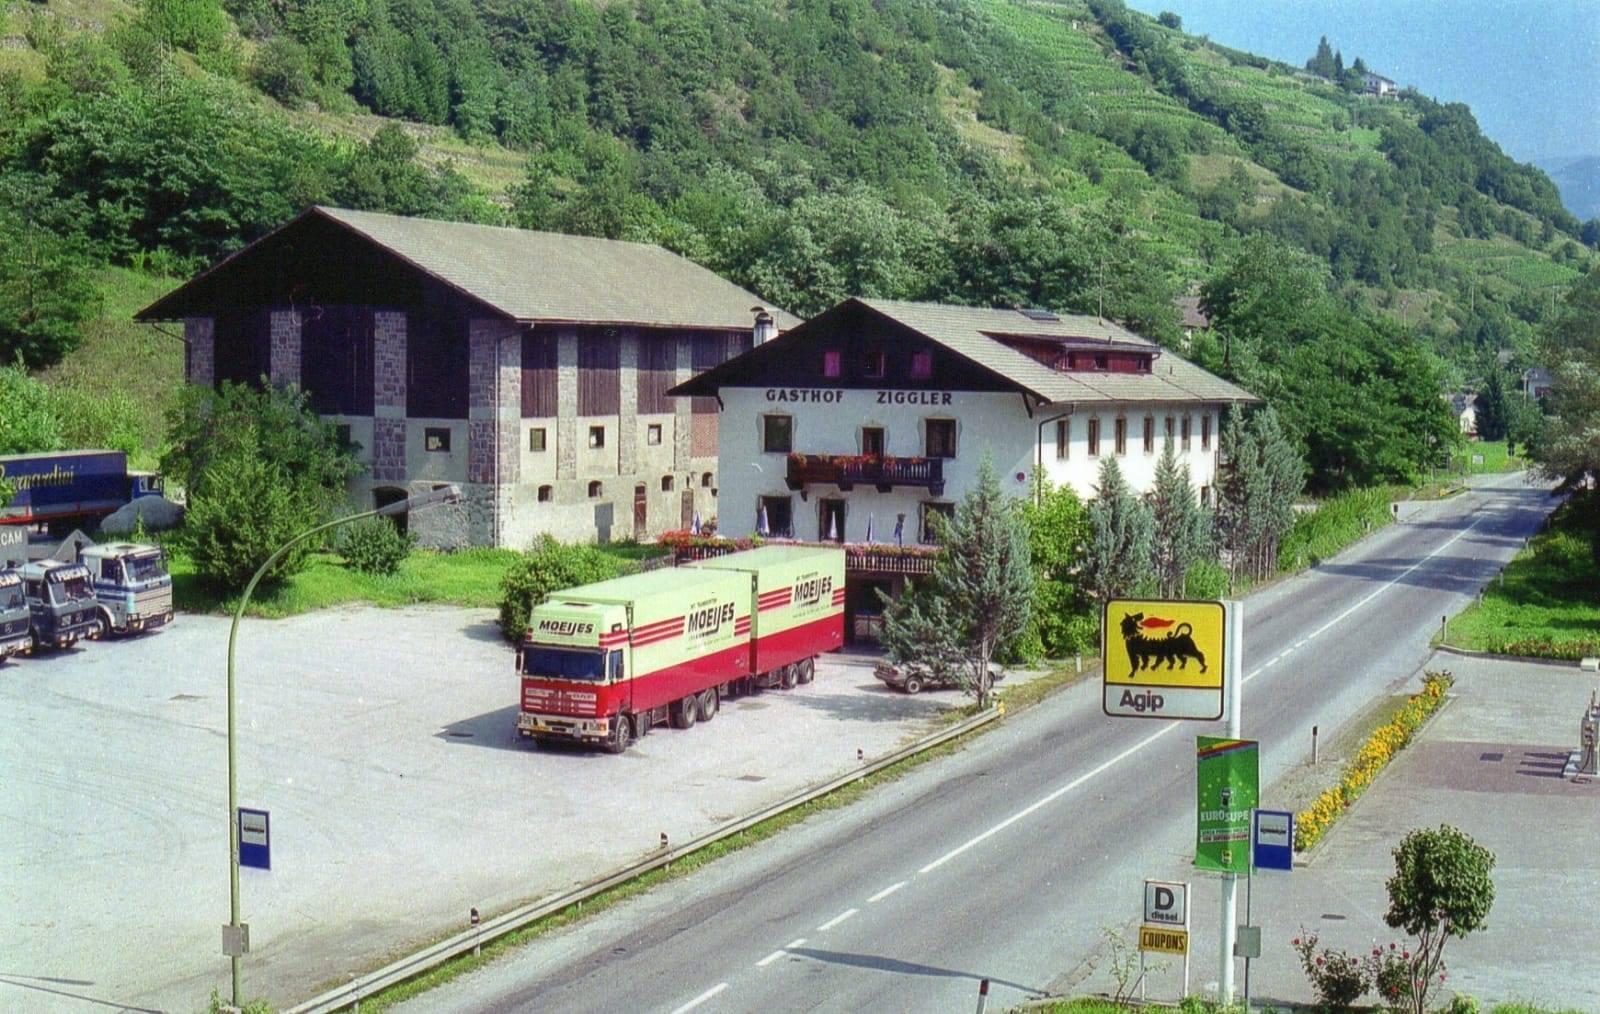 auto-geladen-met-groente-aan-de-stekker-bij-Louise-in-Brixen